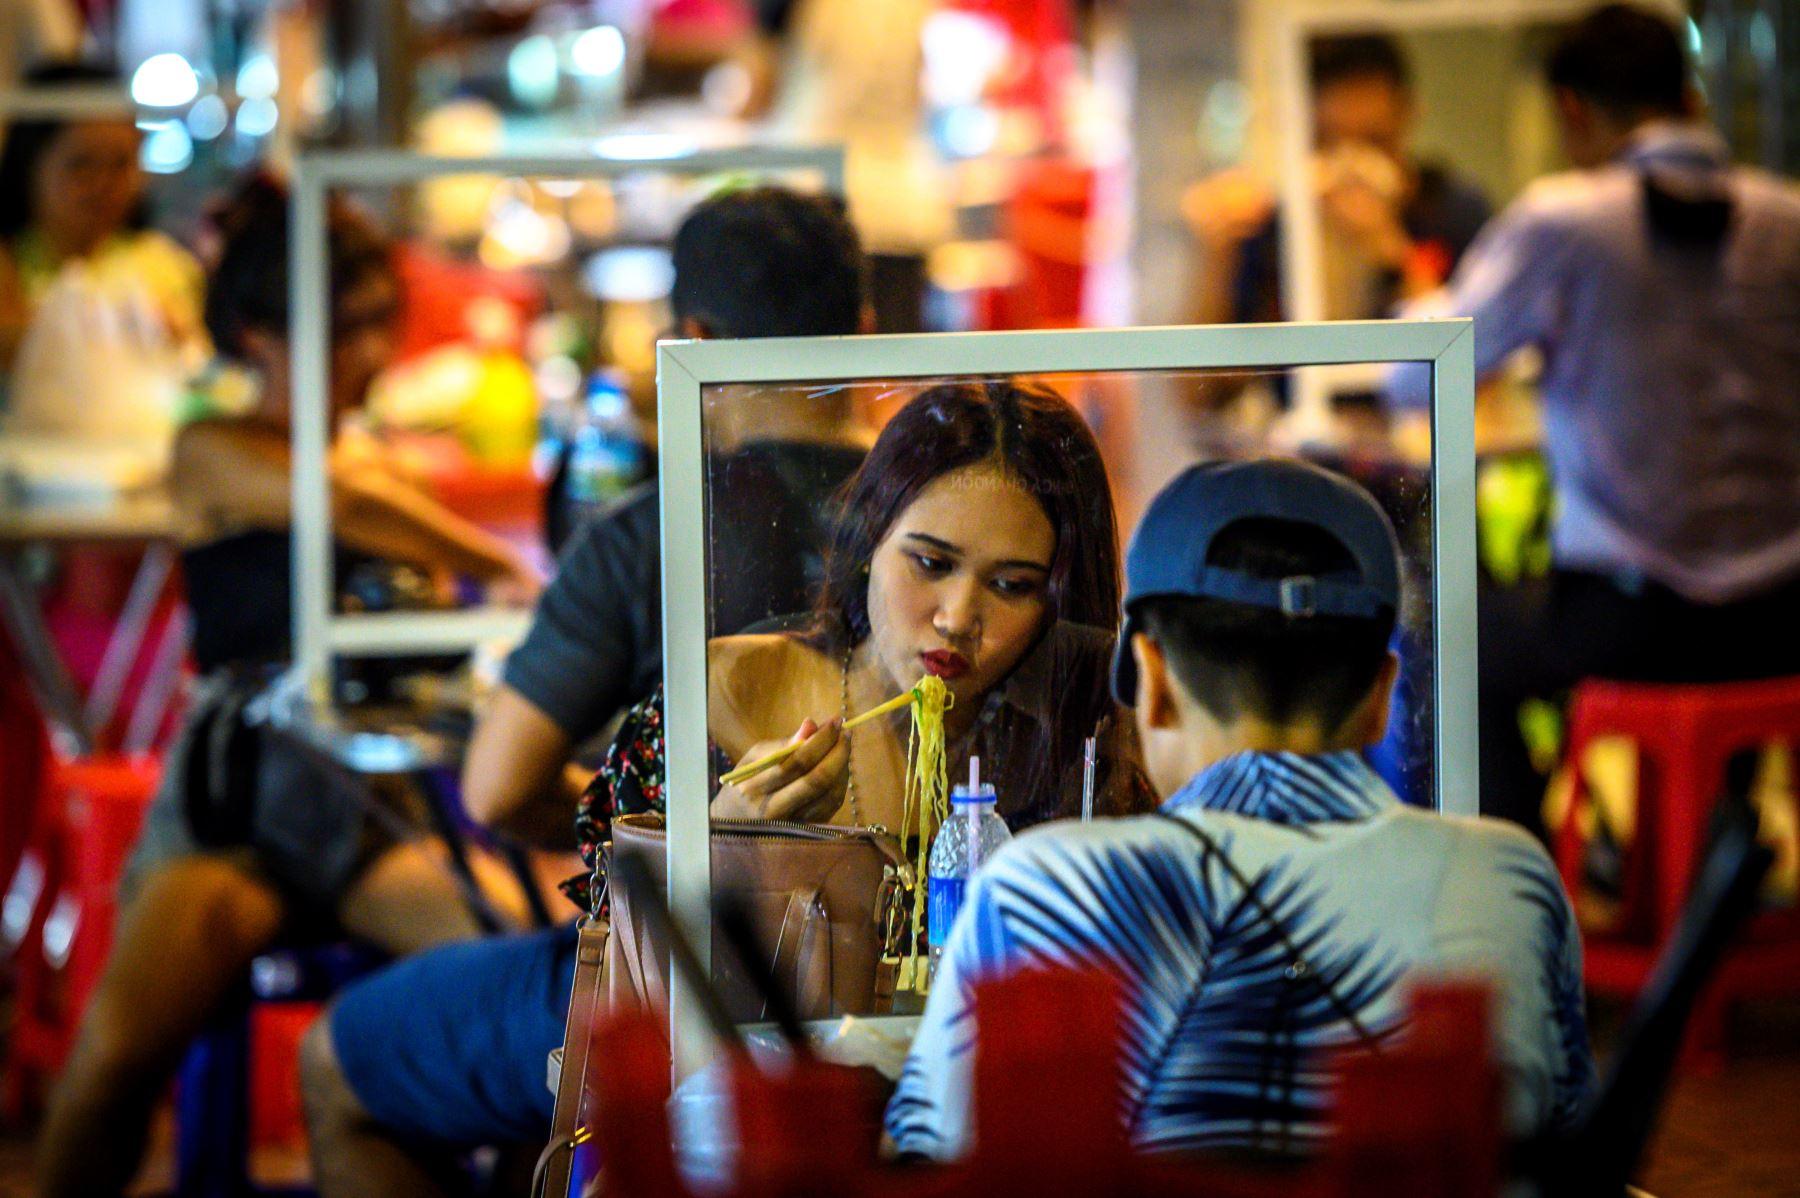 La gente come en un restaurante callejero que implementa el distanciamiento social con divisores de plástico, en Tailandia. Foto: AFP